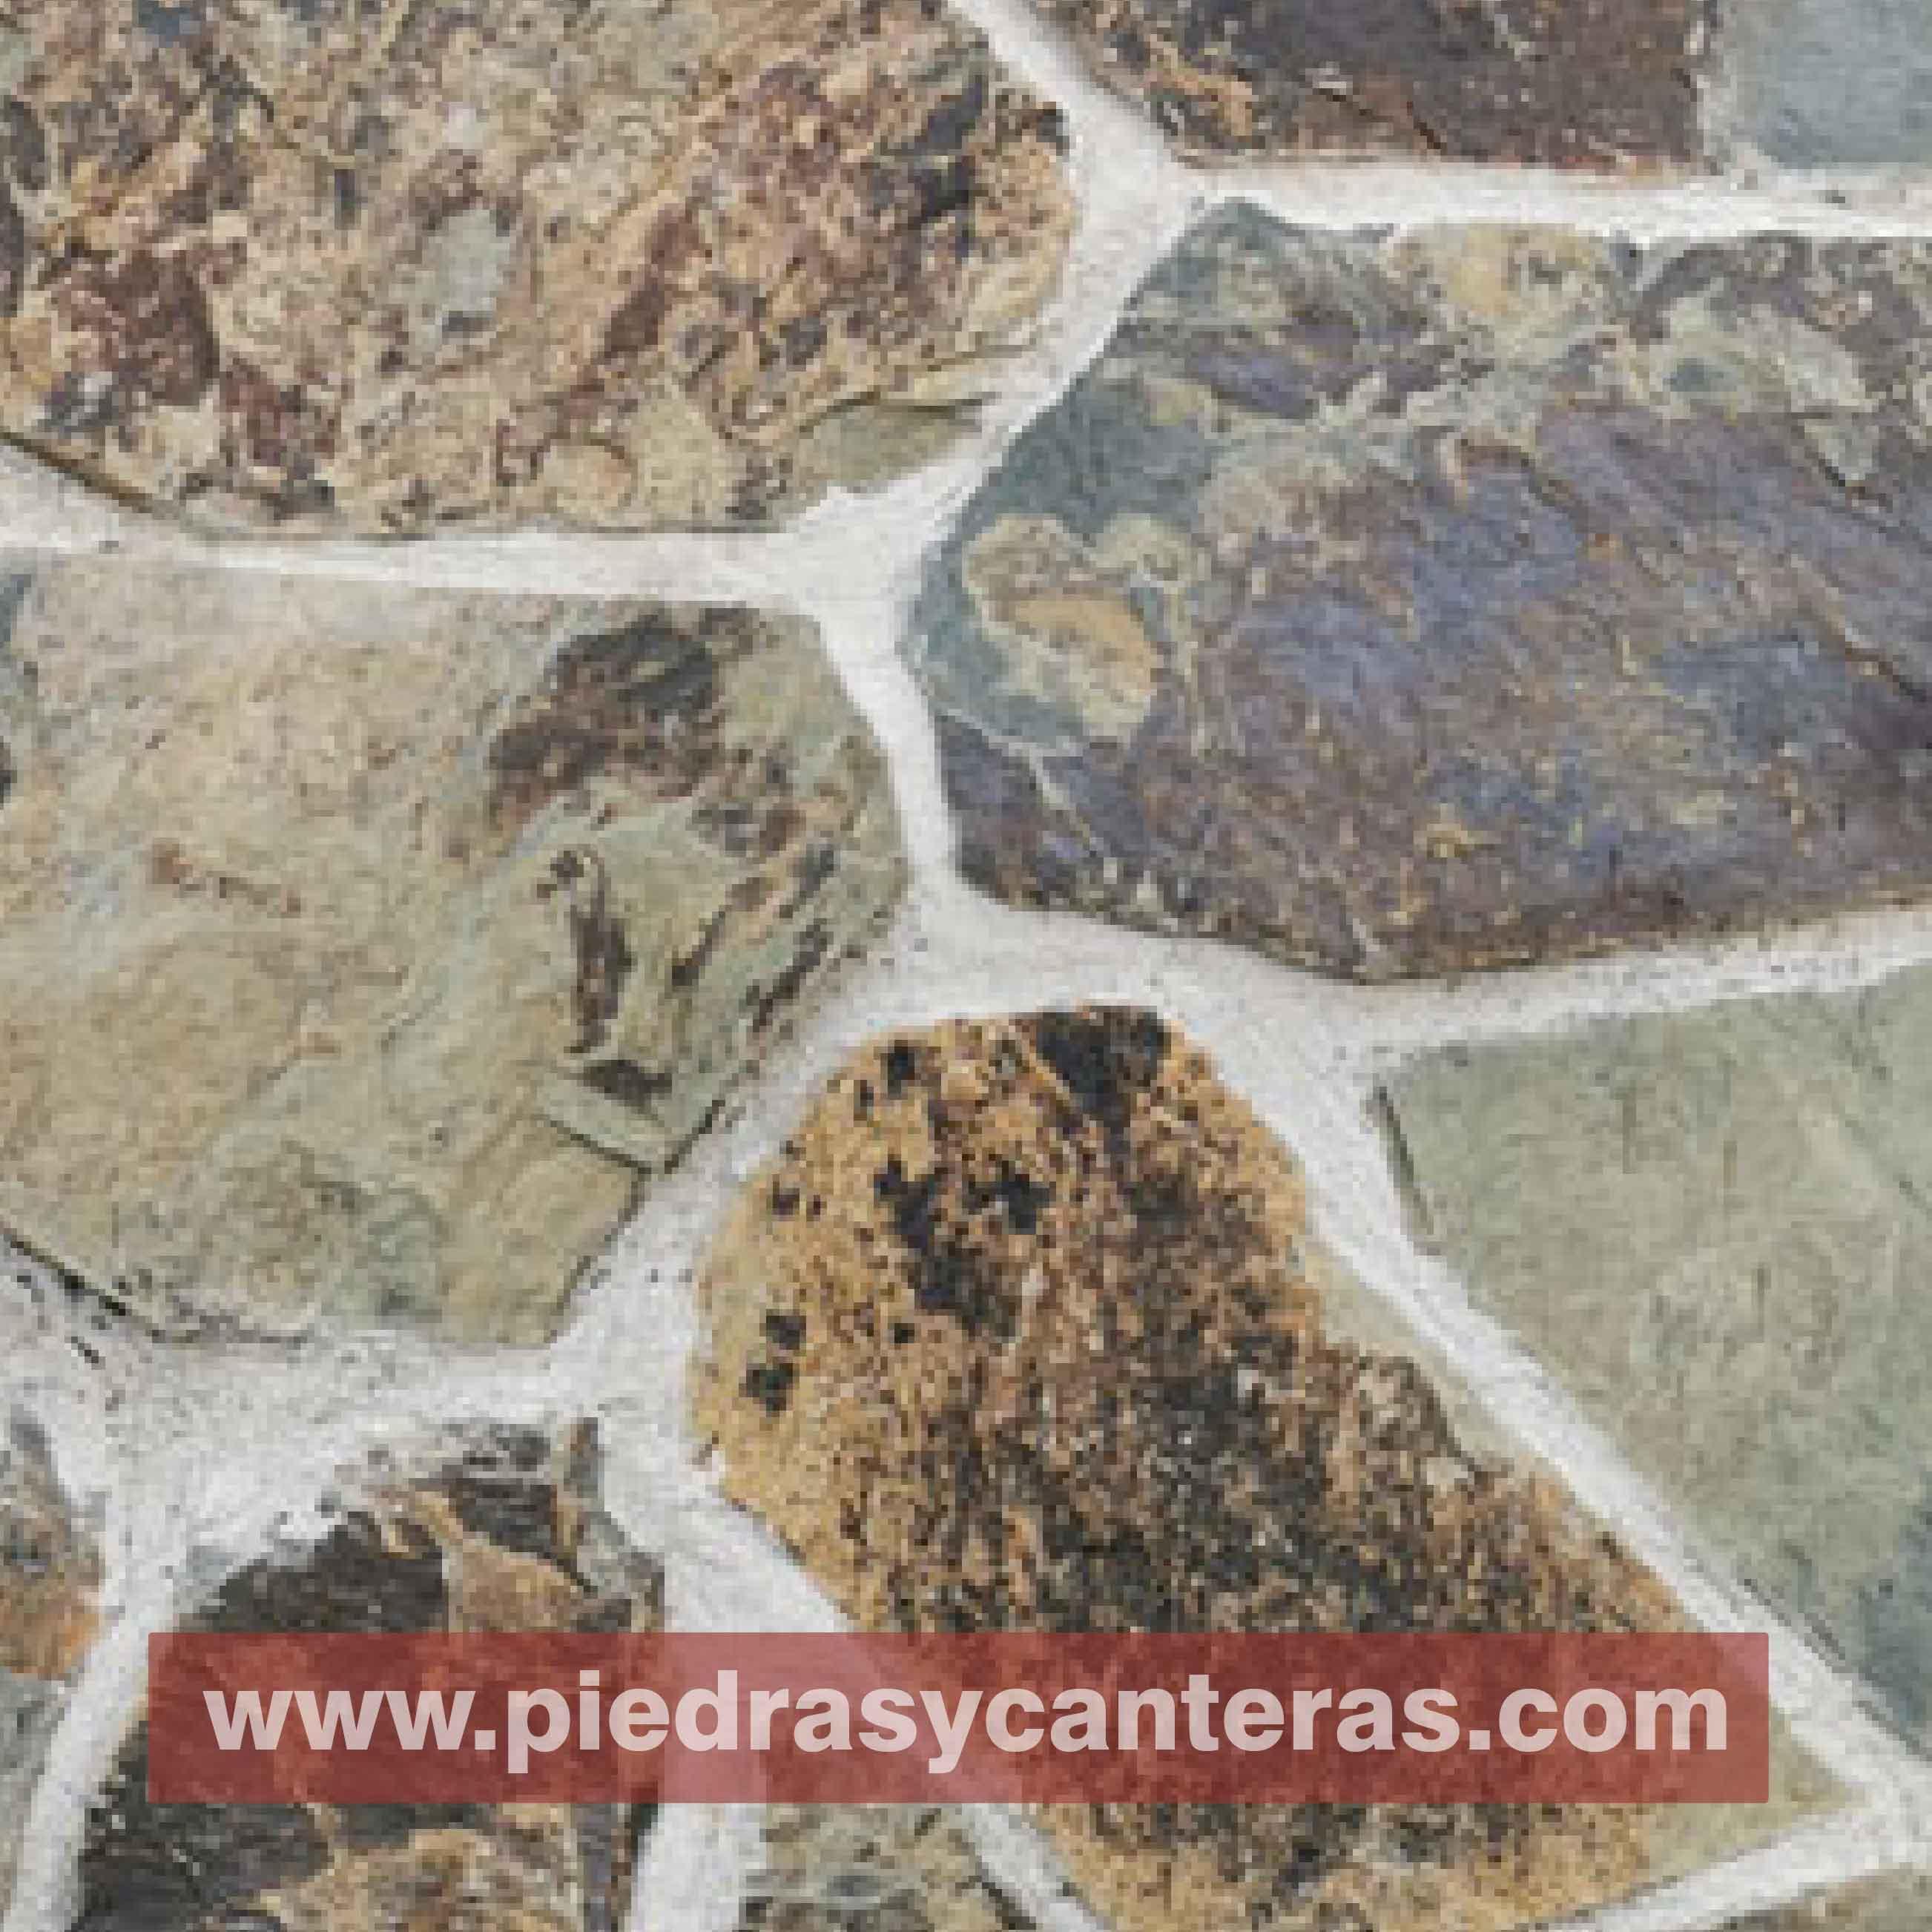 Piedra laja verde mixteca